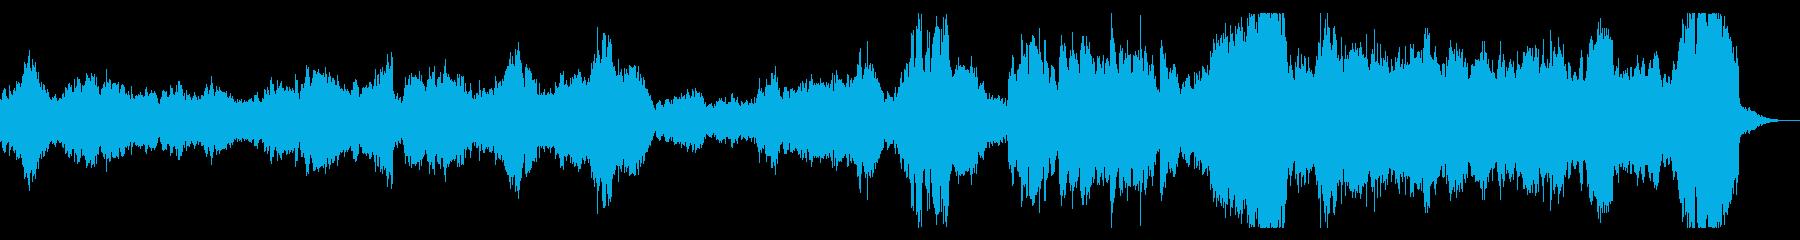 チェロとピアノの疾走感ある感動的なduoの再生済みの波形